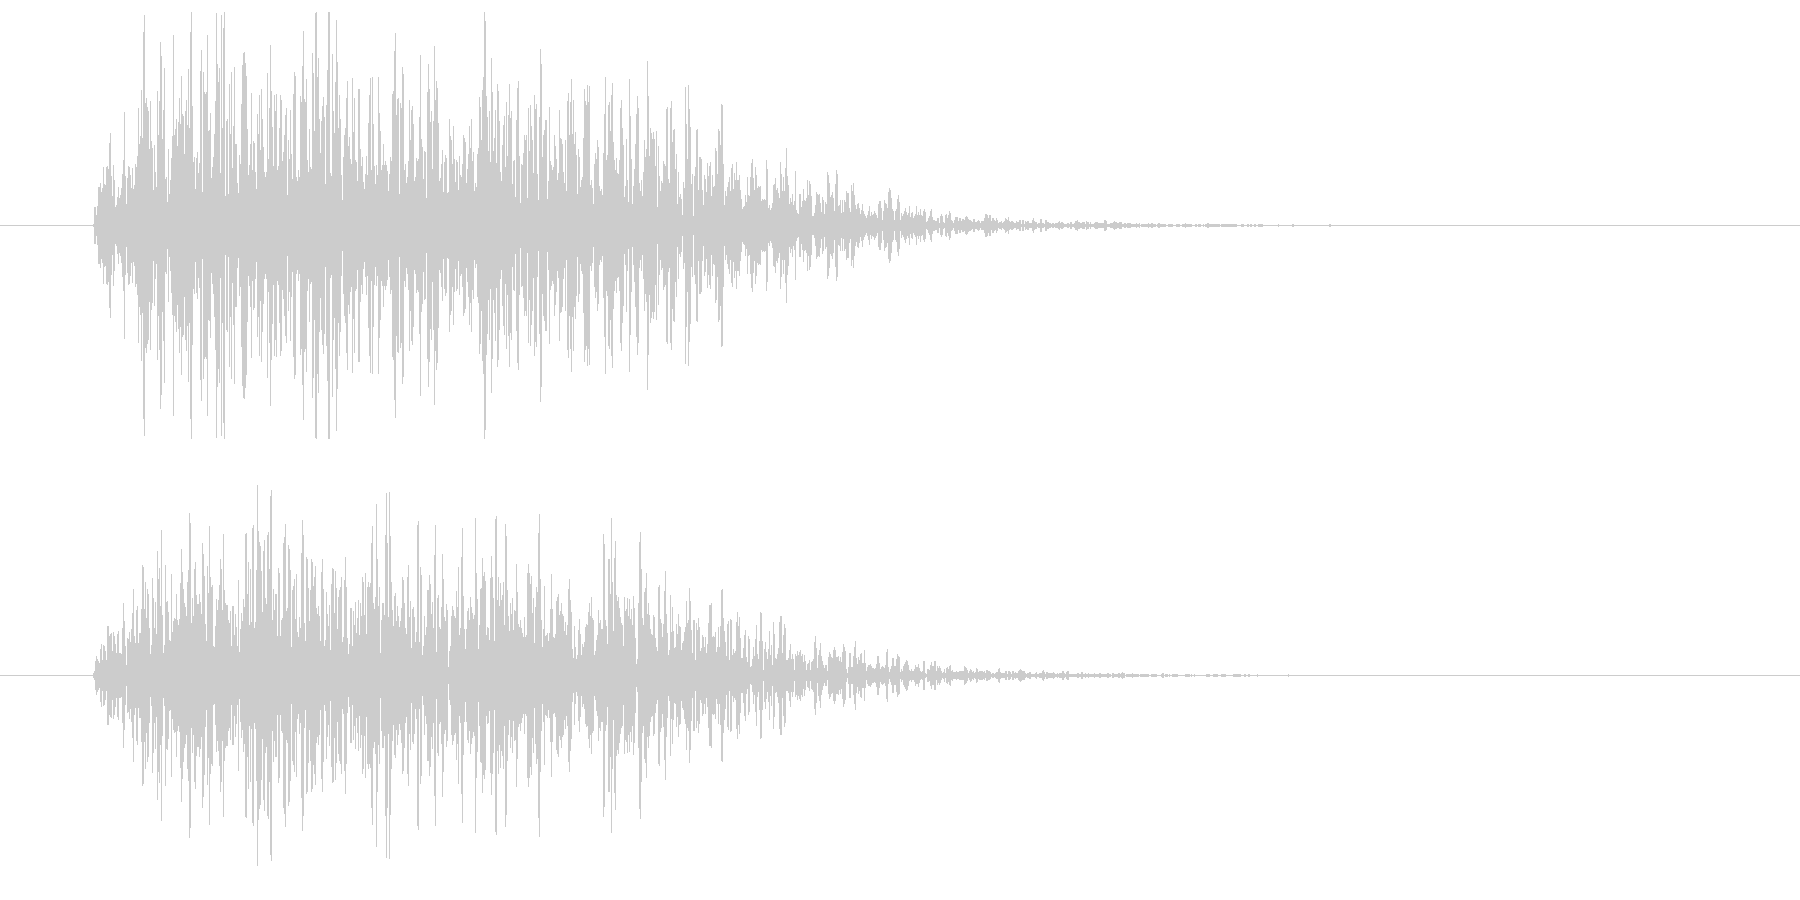 漫画ピアノヒットインパクトの未再生の波形